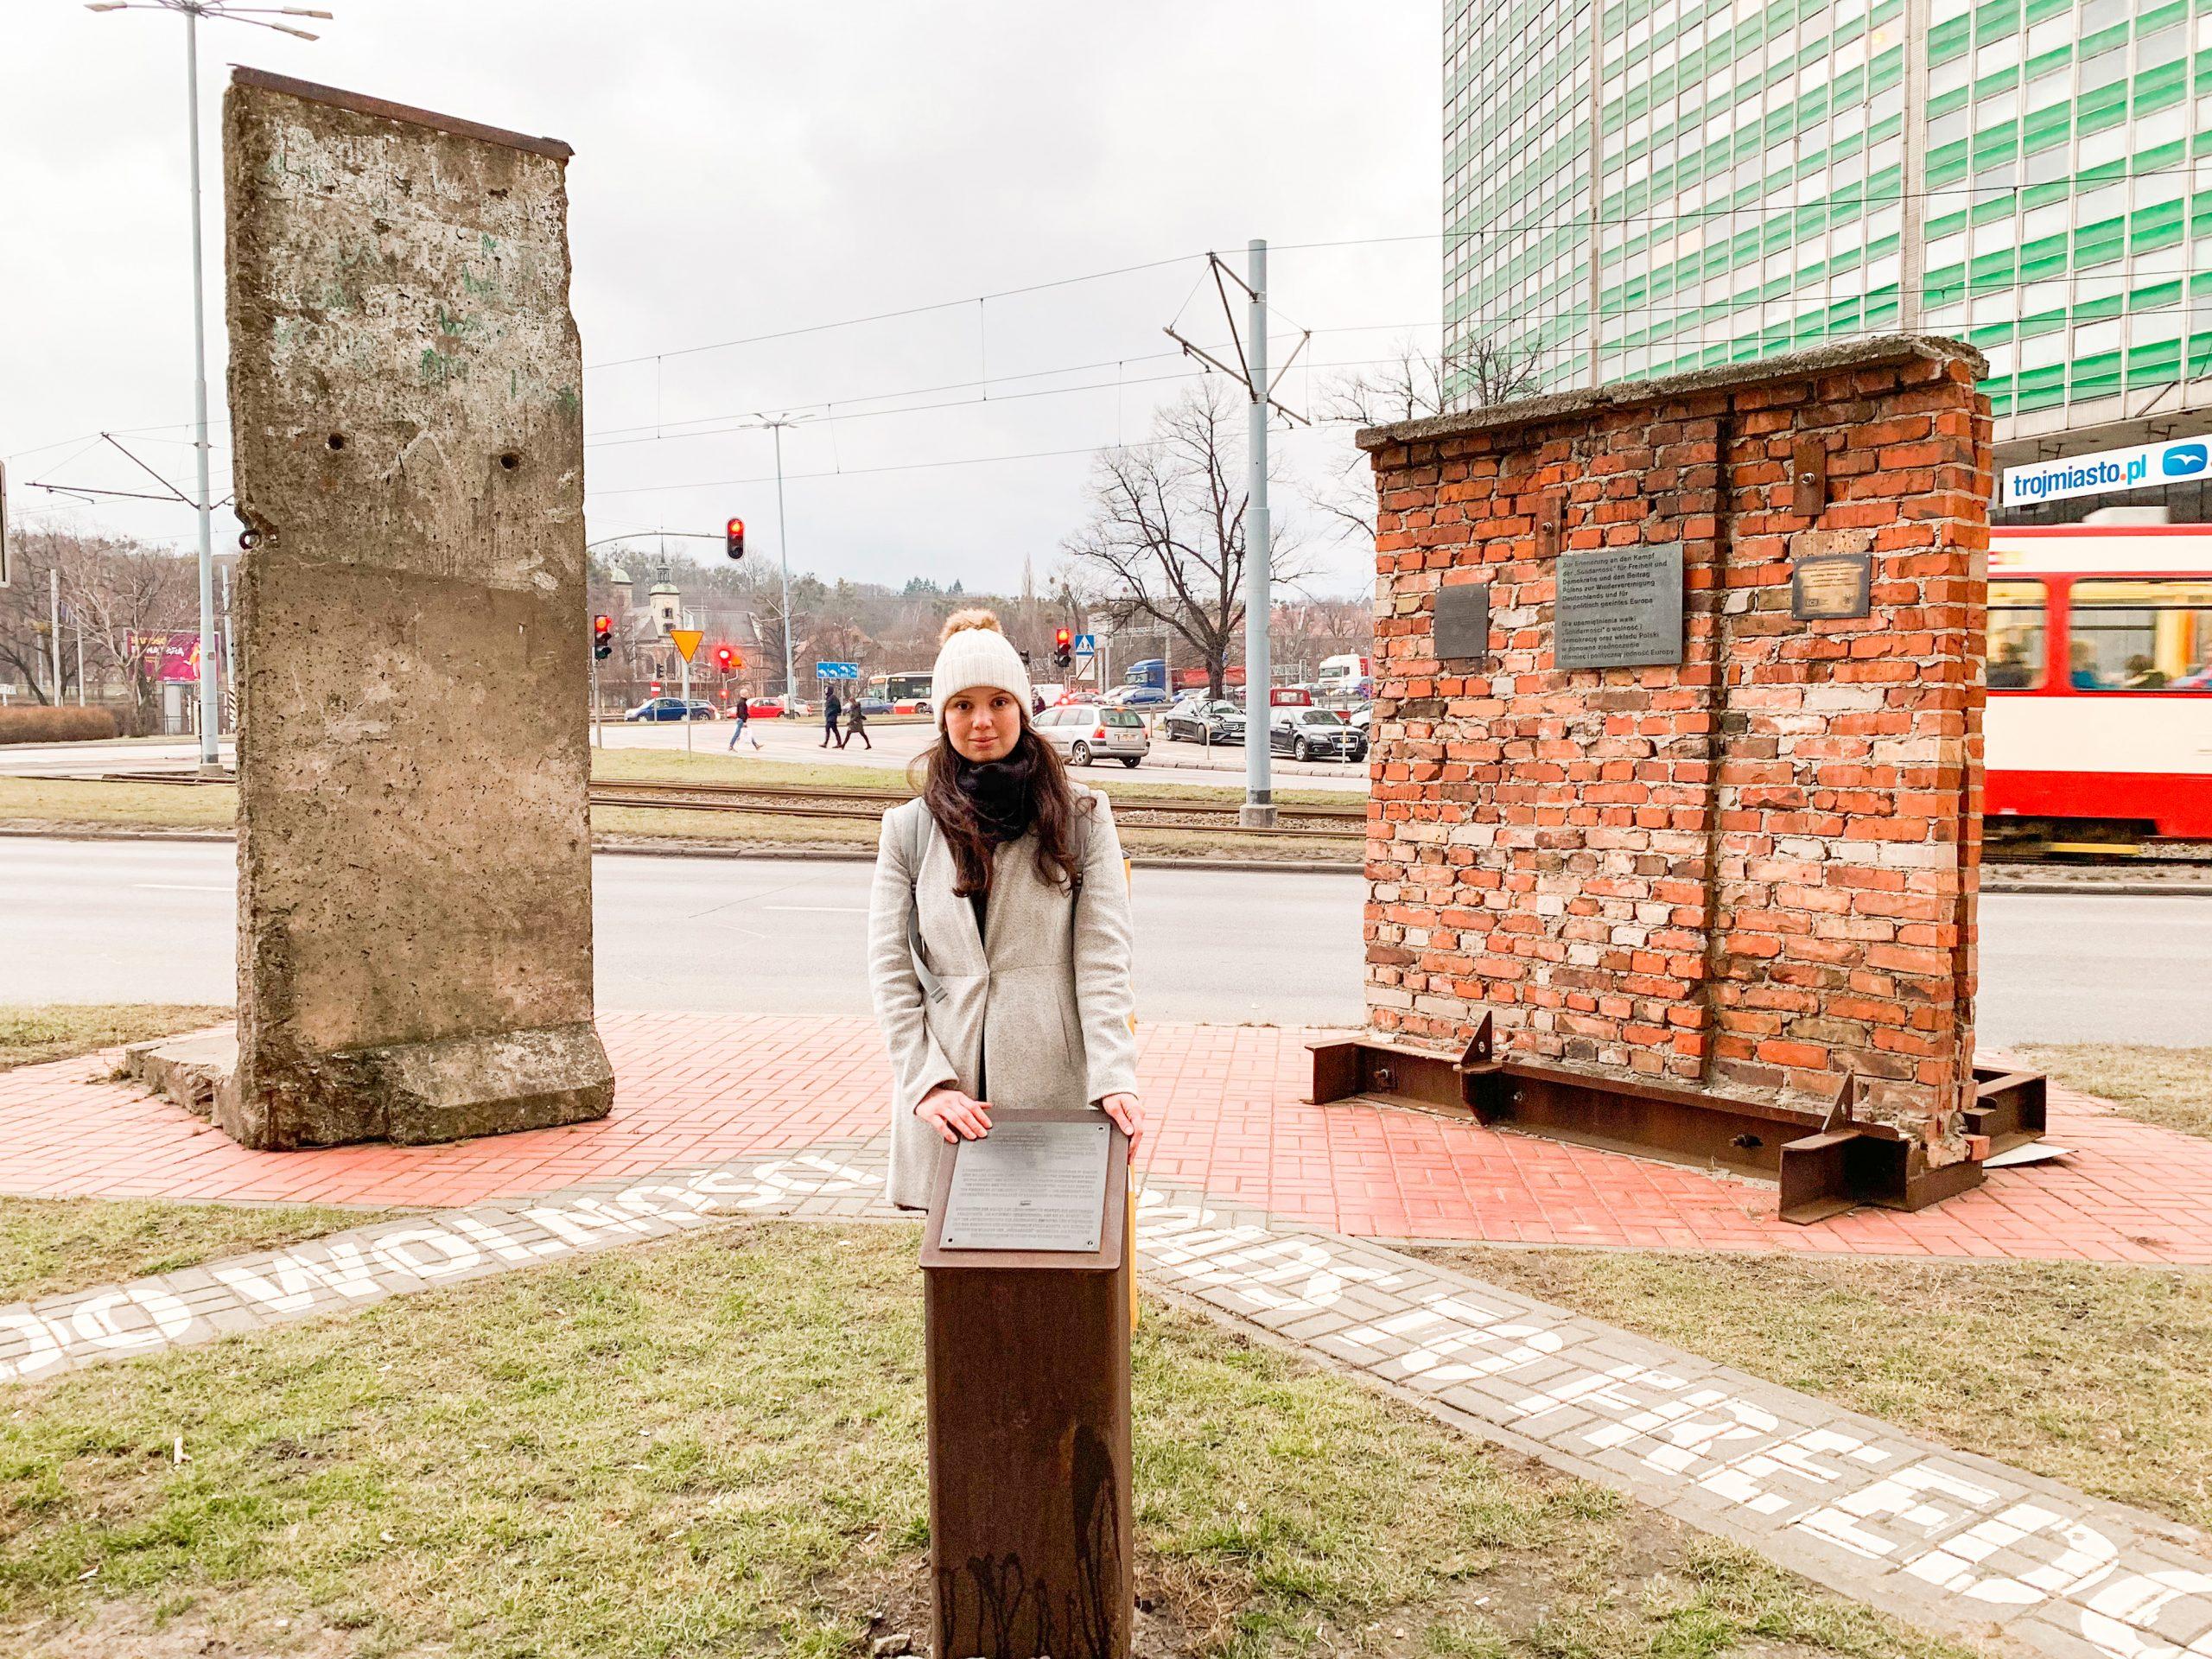 Polônia, Gdansk, guia de viagem, Westerplatte, viagem, leste europeu, solidariedade, segunda guerra mundial, muro de berlim